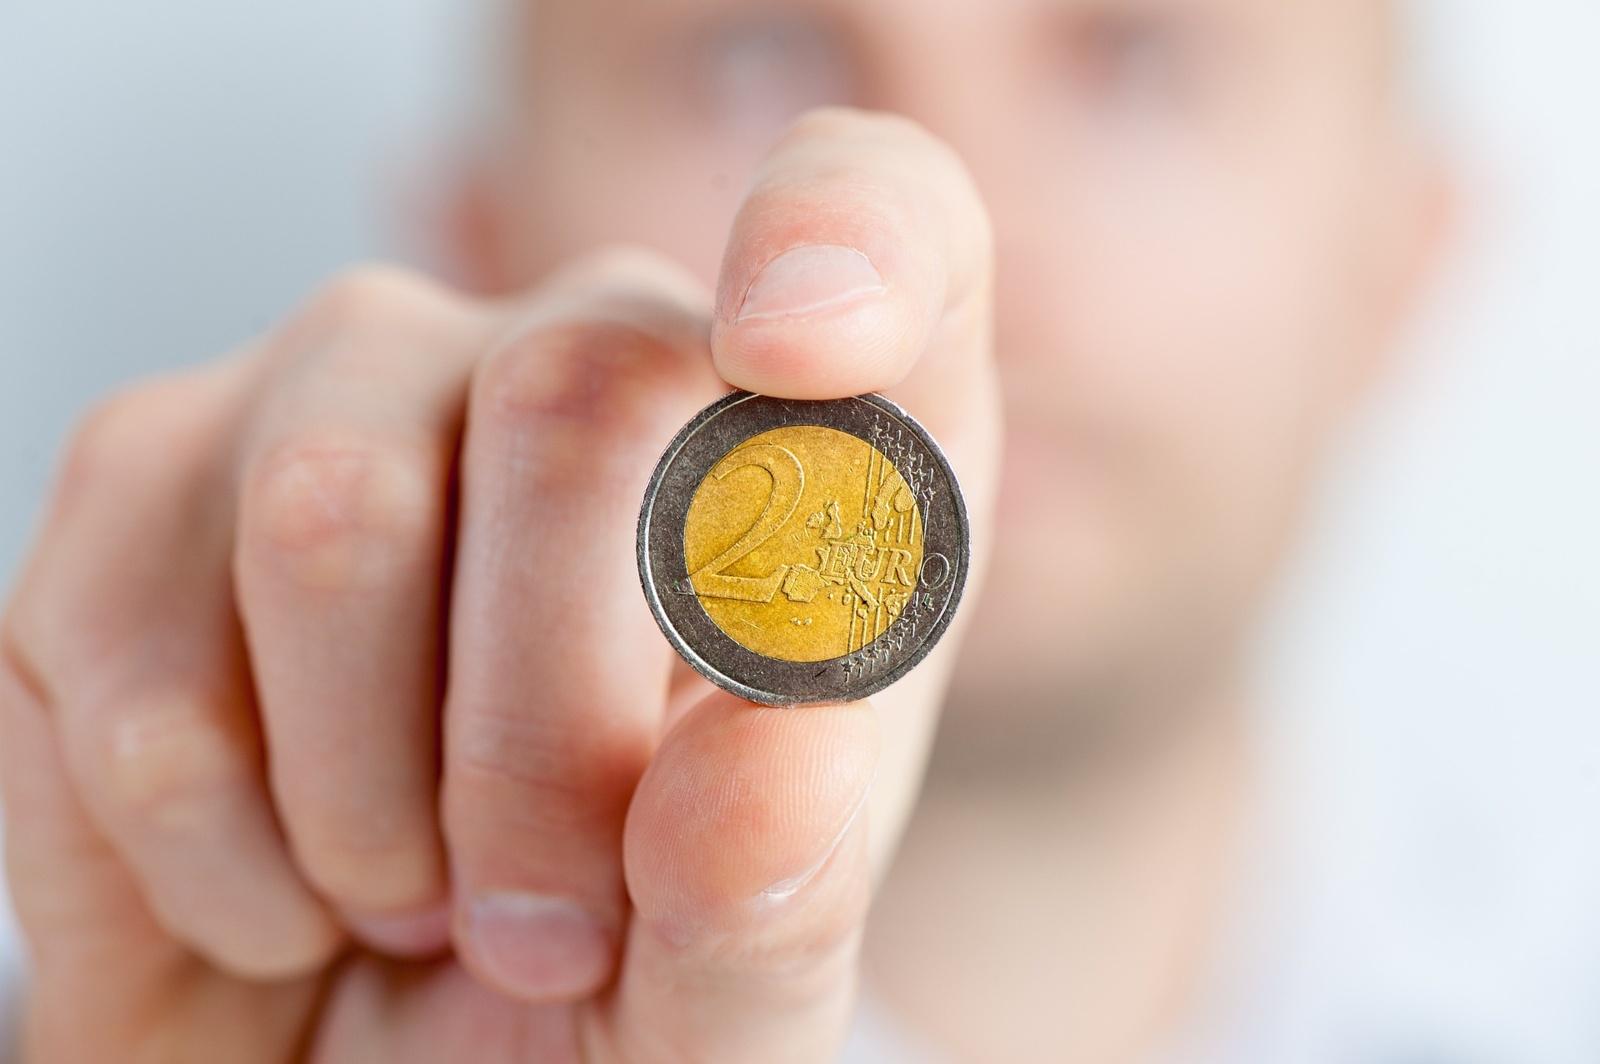 kaip užsidirbti pinigų neinvestuojant nei centų